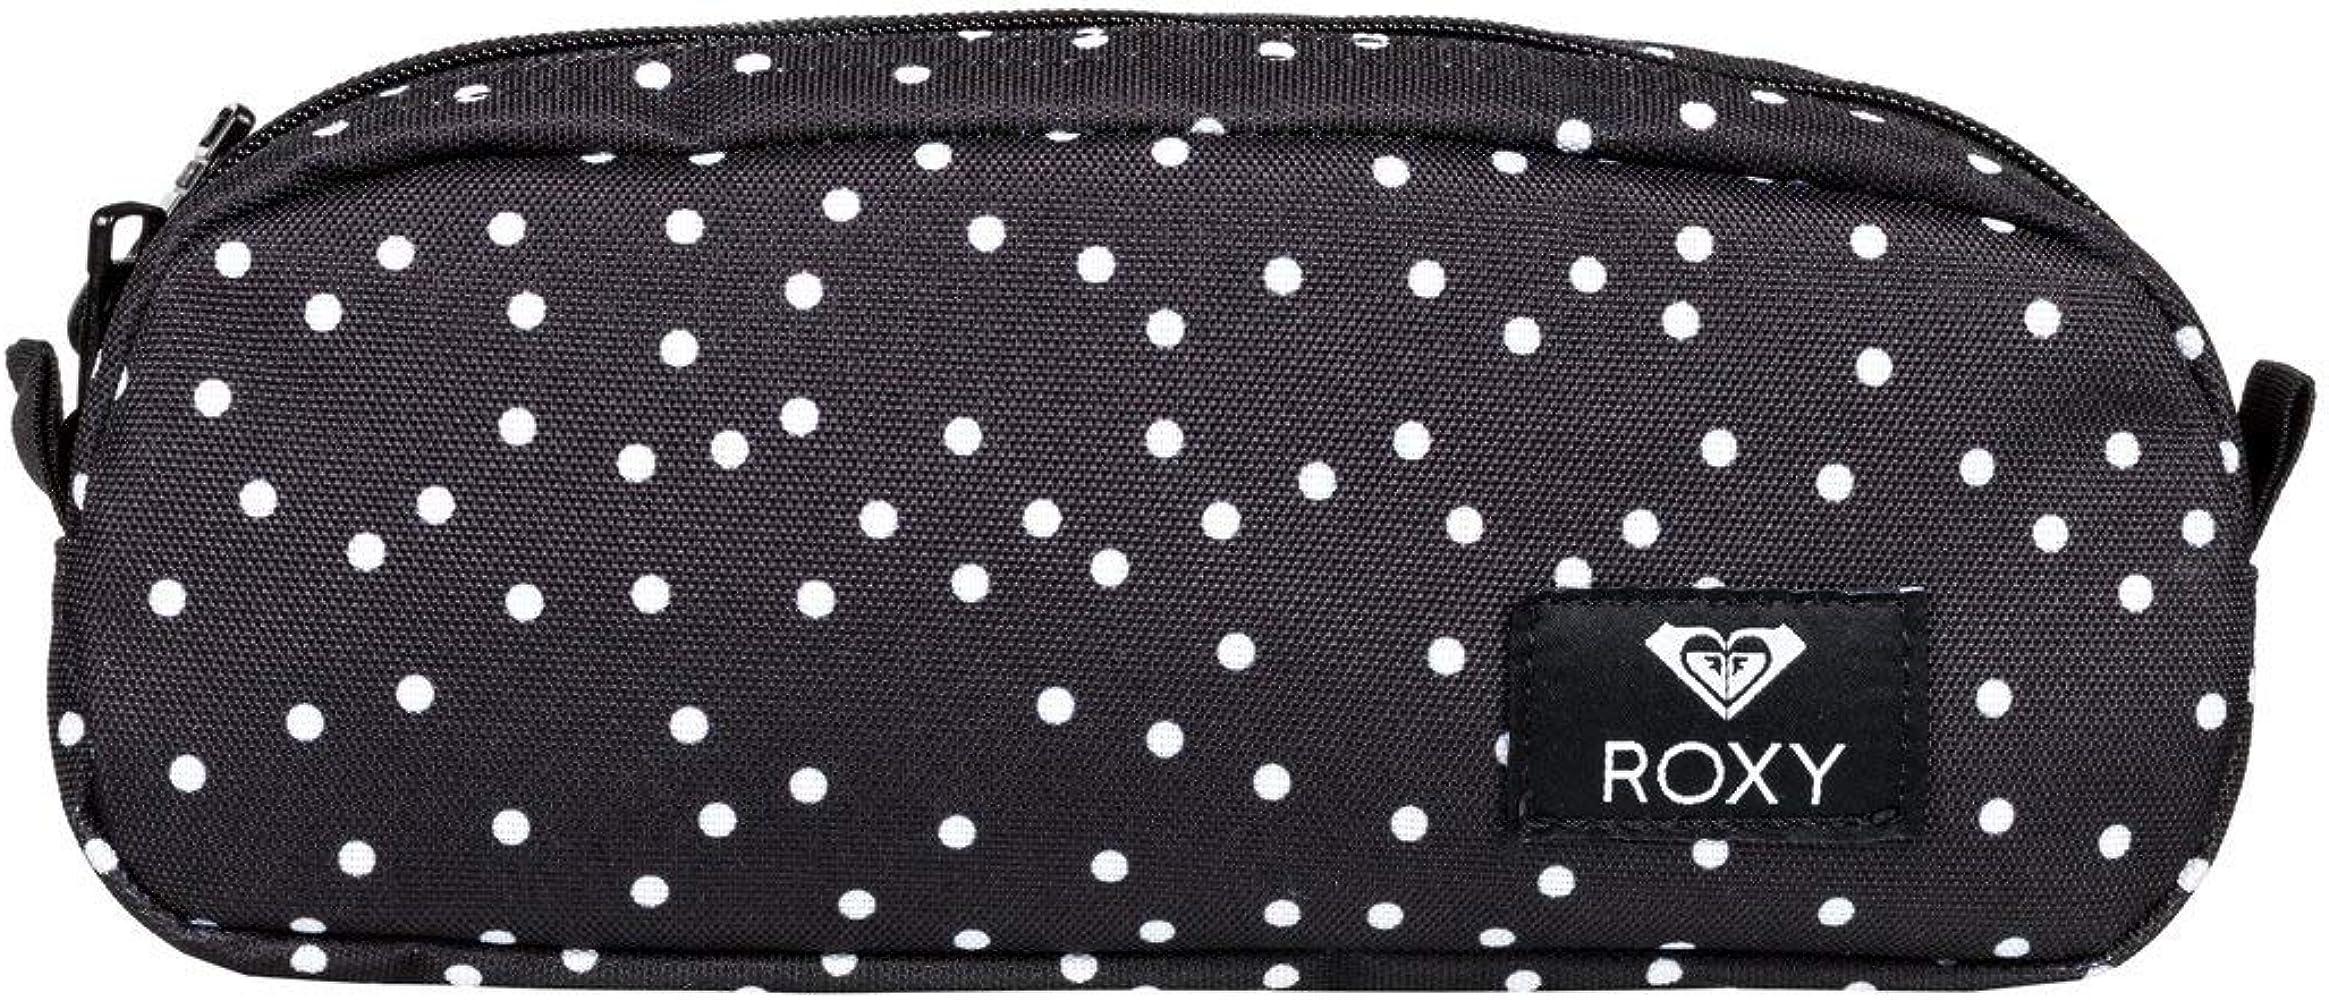 Roxy - Estuche escolar - Mujer - ONE SIZE - Negro: Roxy: Amazon.es: Ropa y accesorios